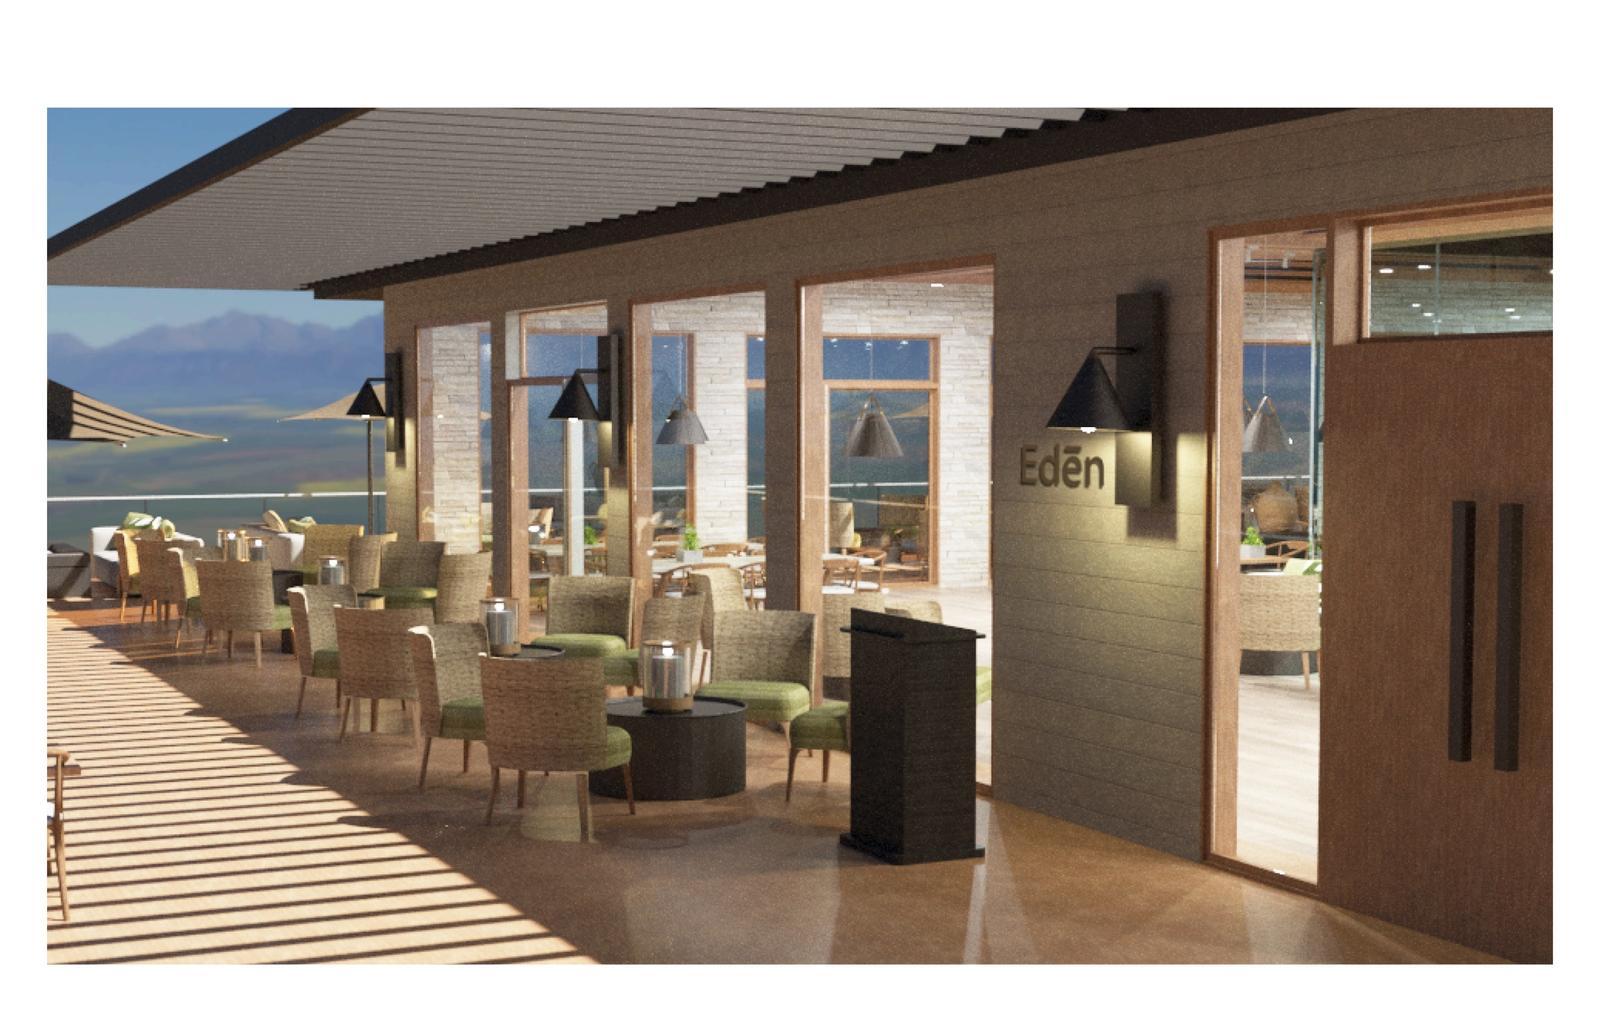 Statera Wellness Retreat - Eden Restaurant Lounge